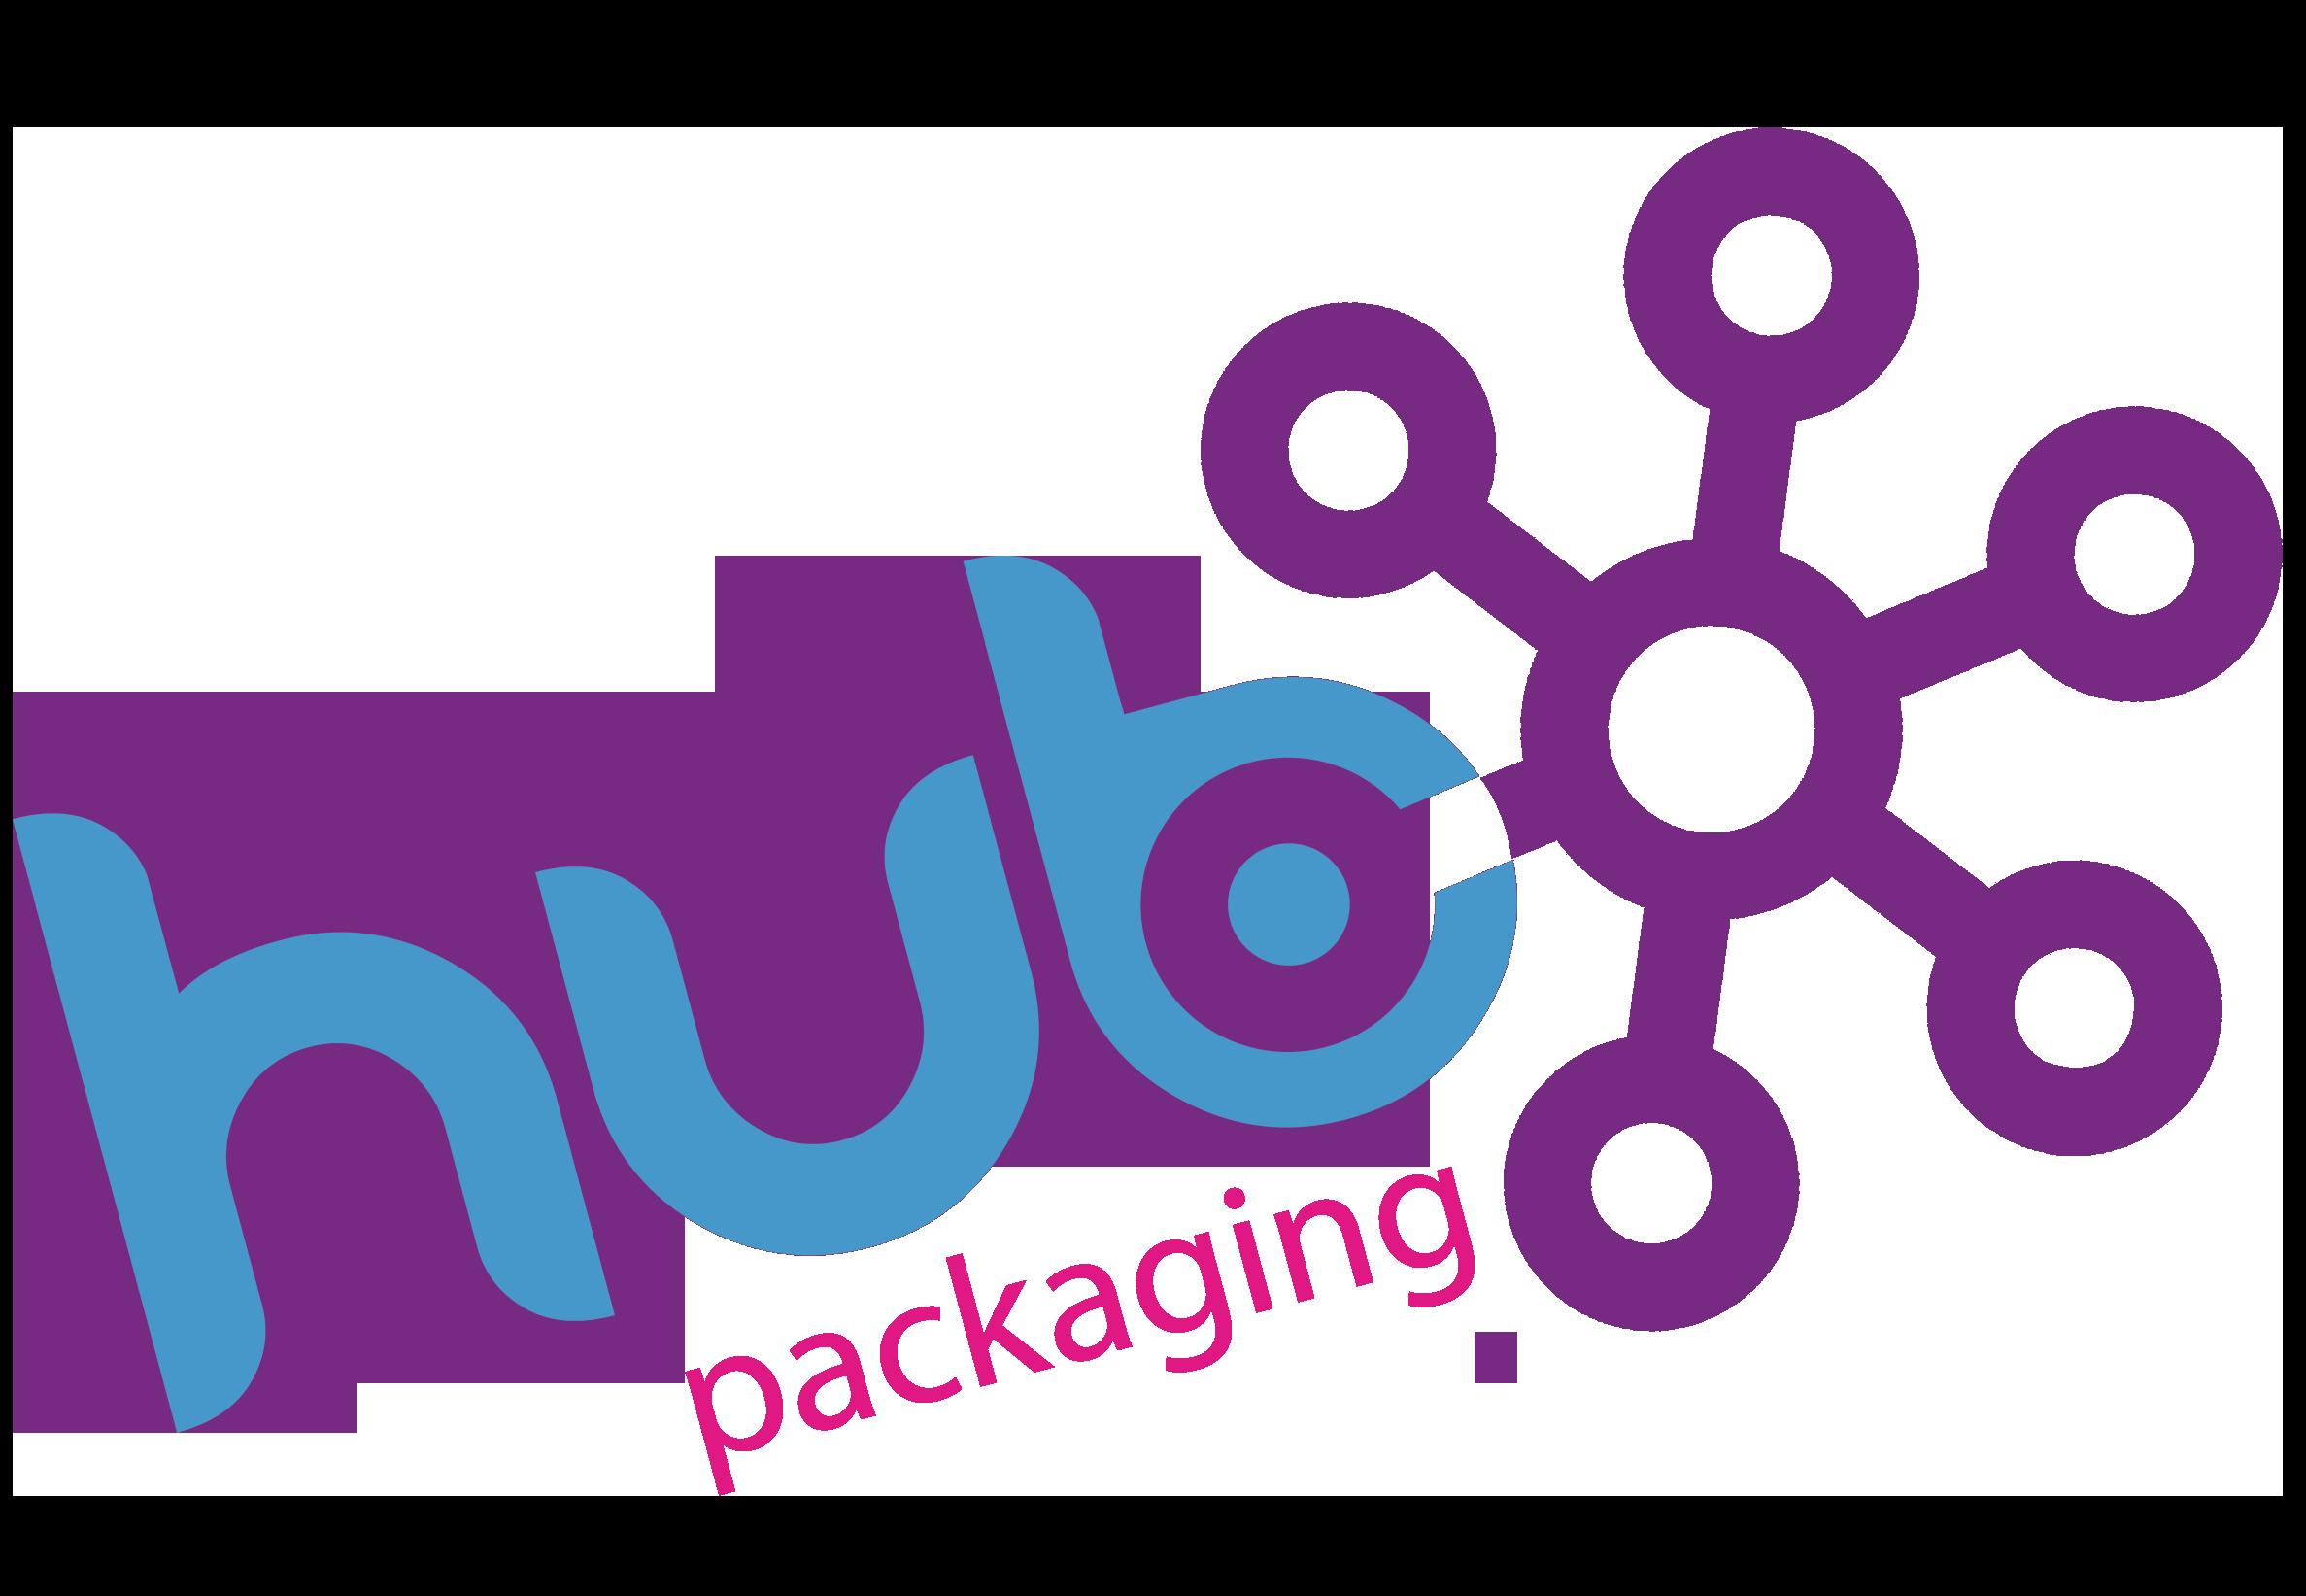 Hub Packaging